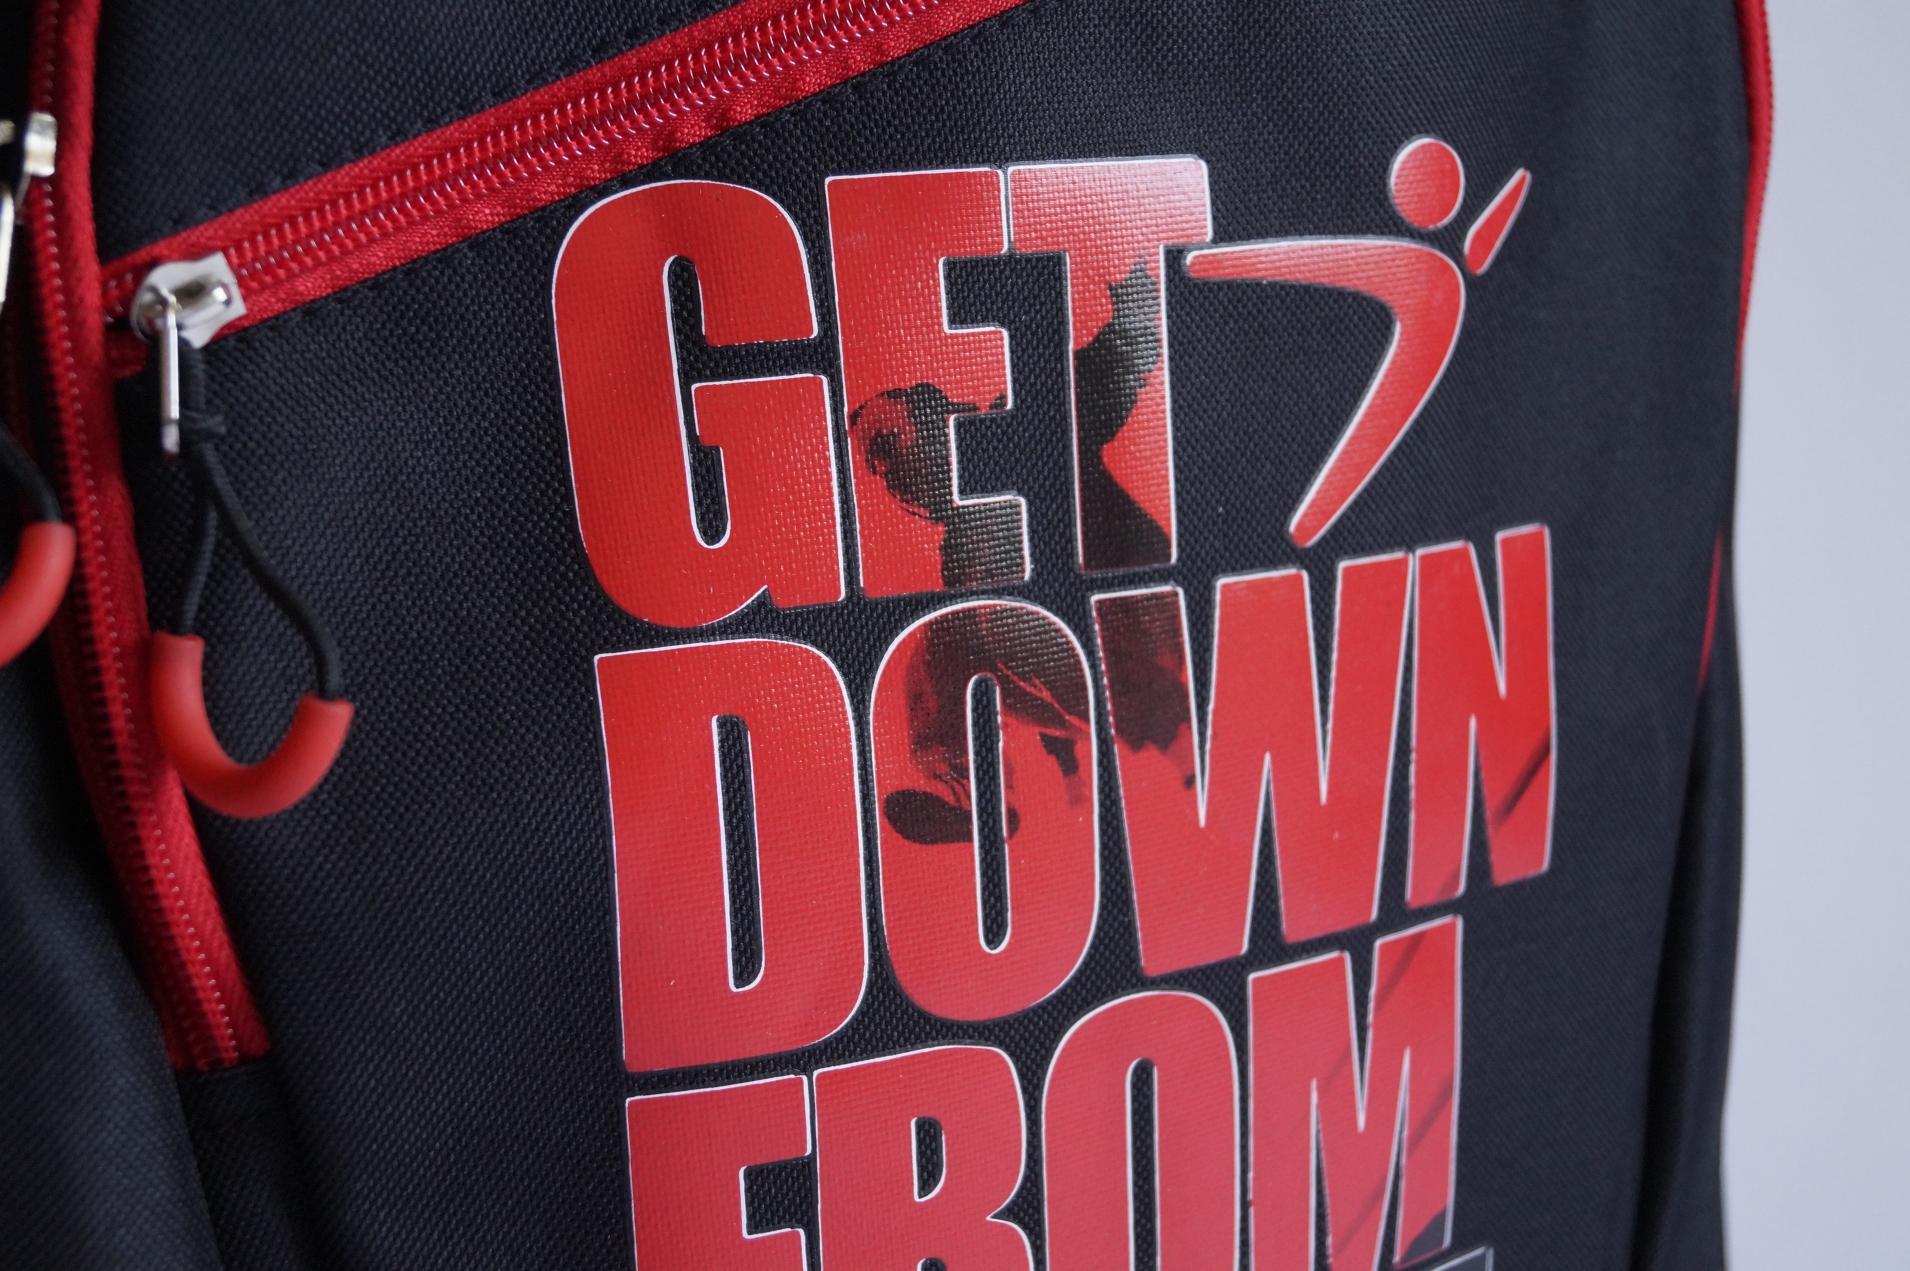 gdft-backpack-art.jpg